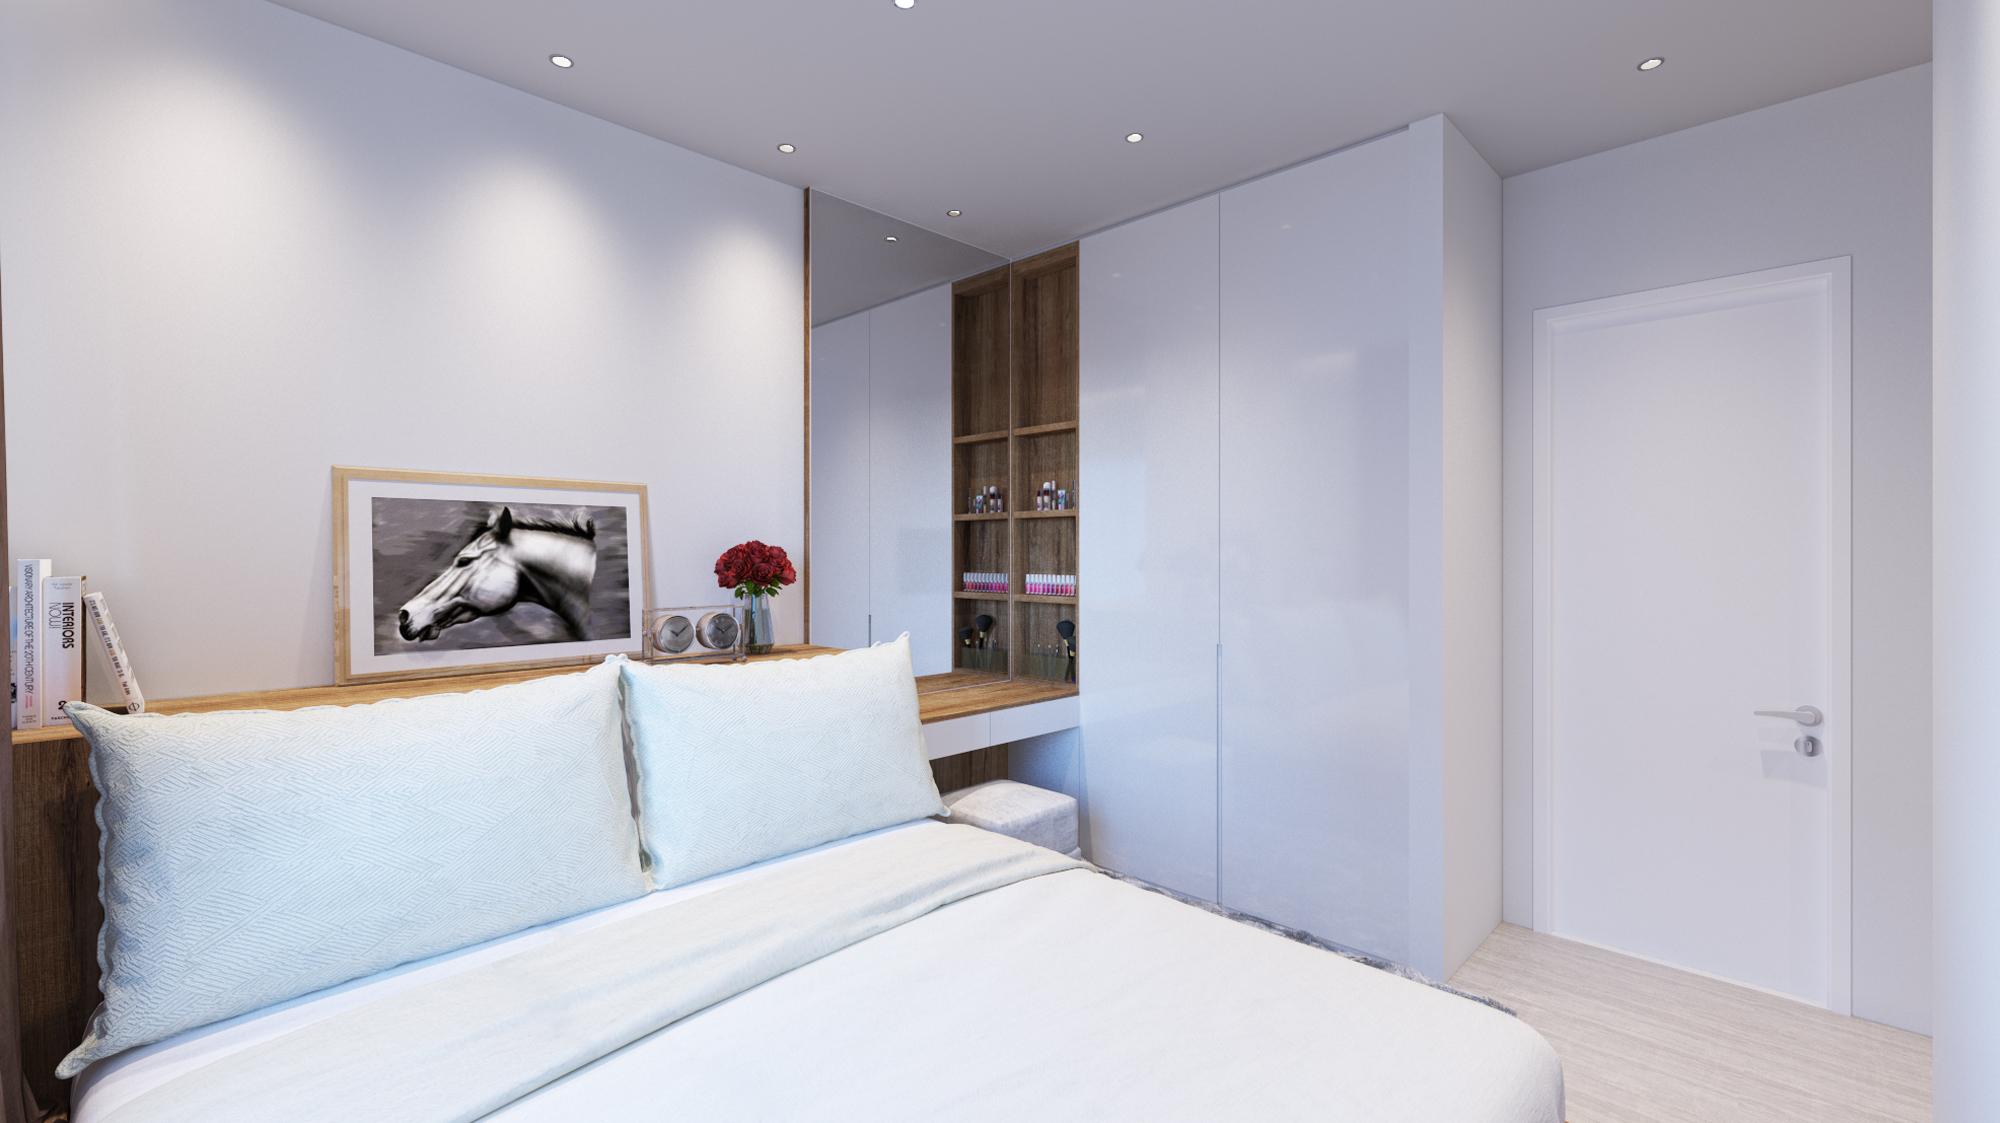 20160321 SG-APT 2-MASTER BED ROOM